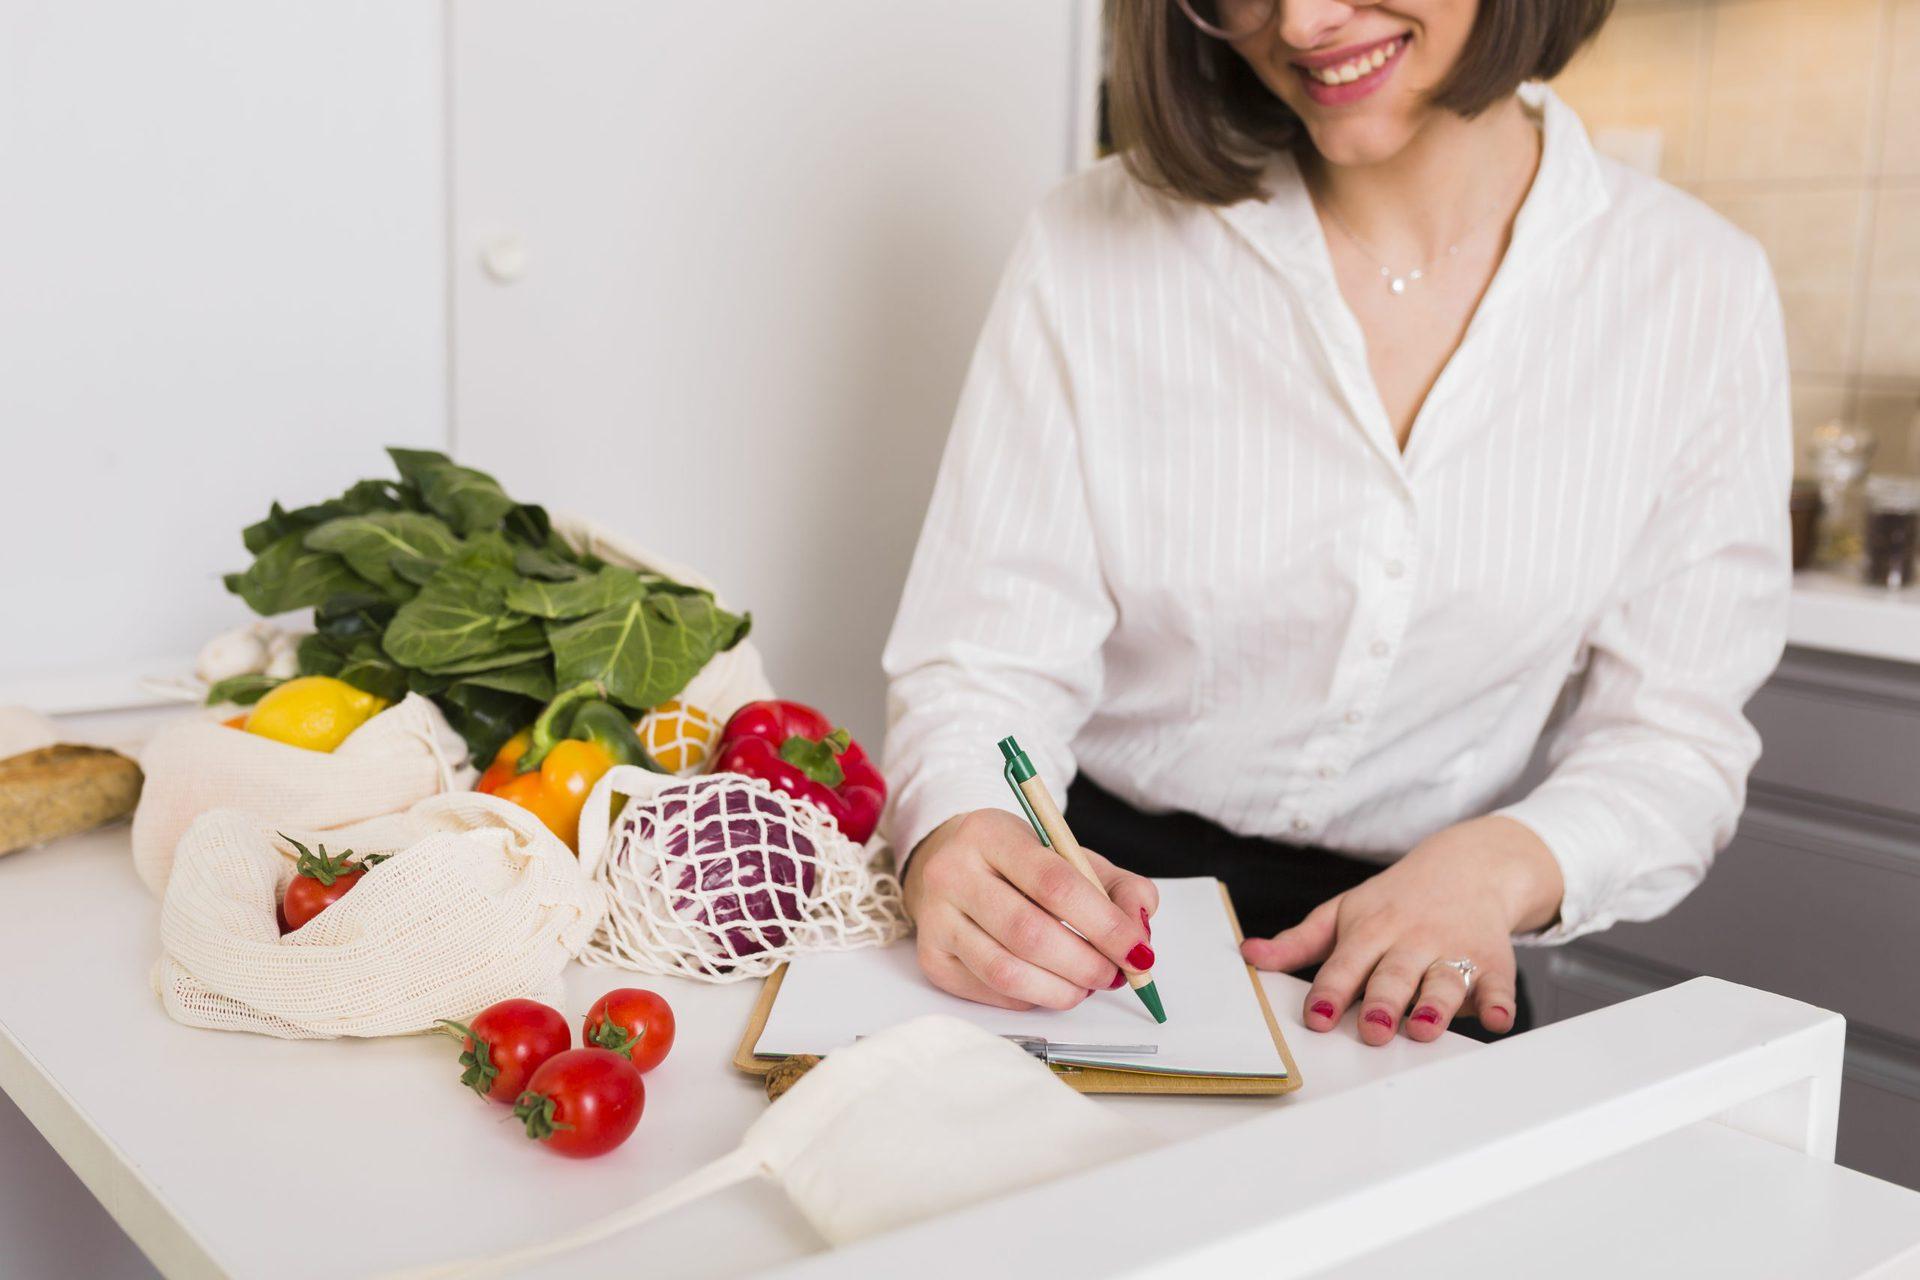 comidas faciles y economicas para el almuerzo tips